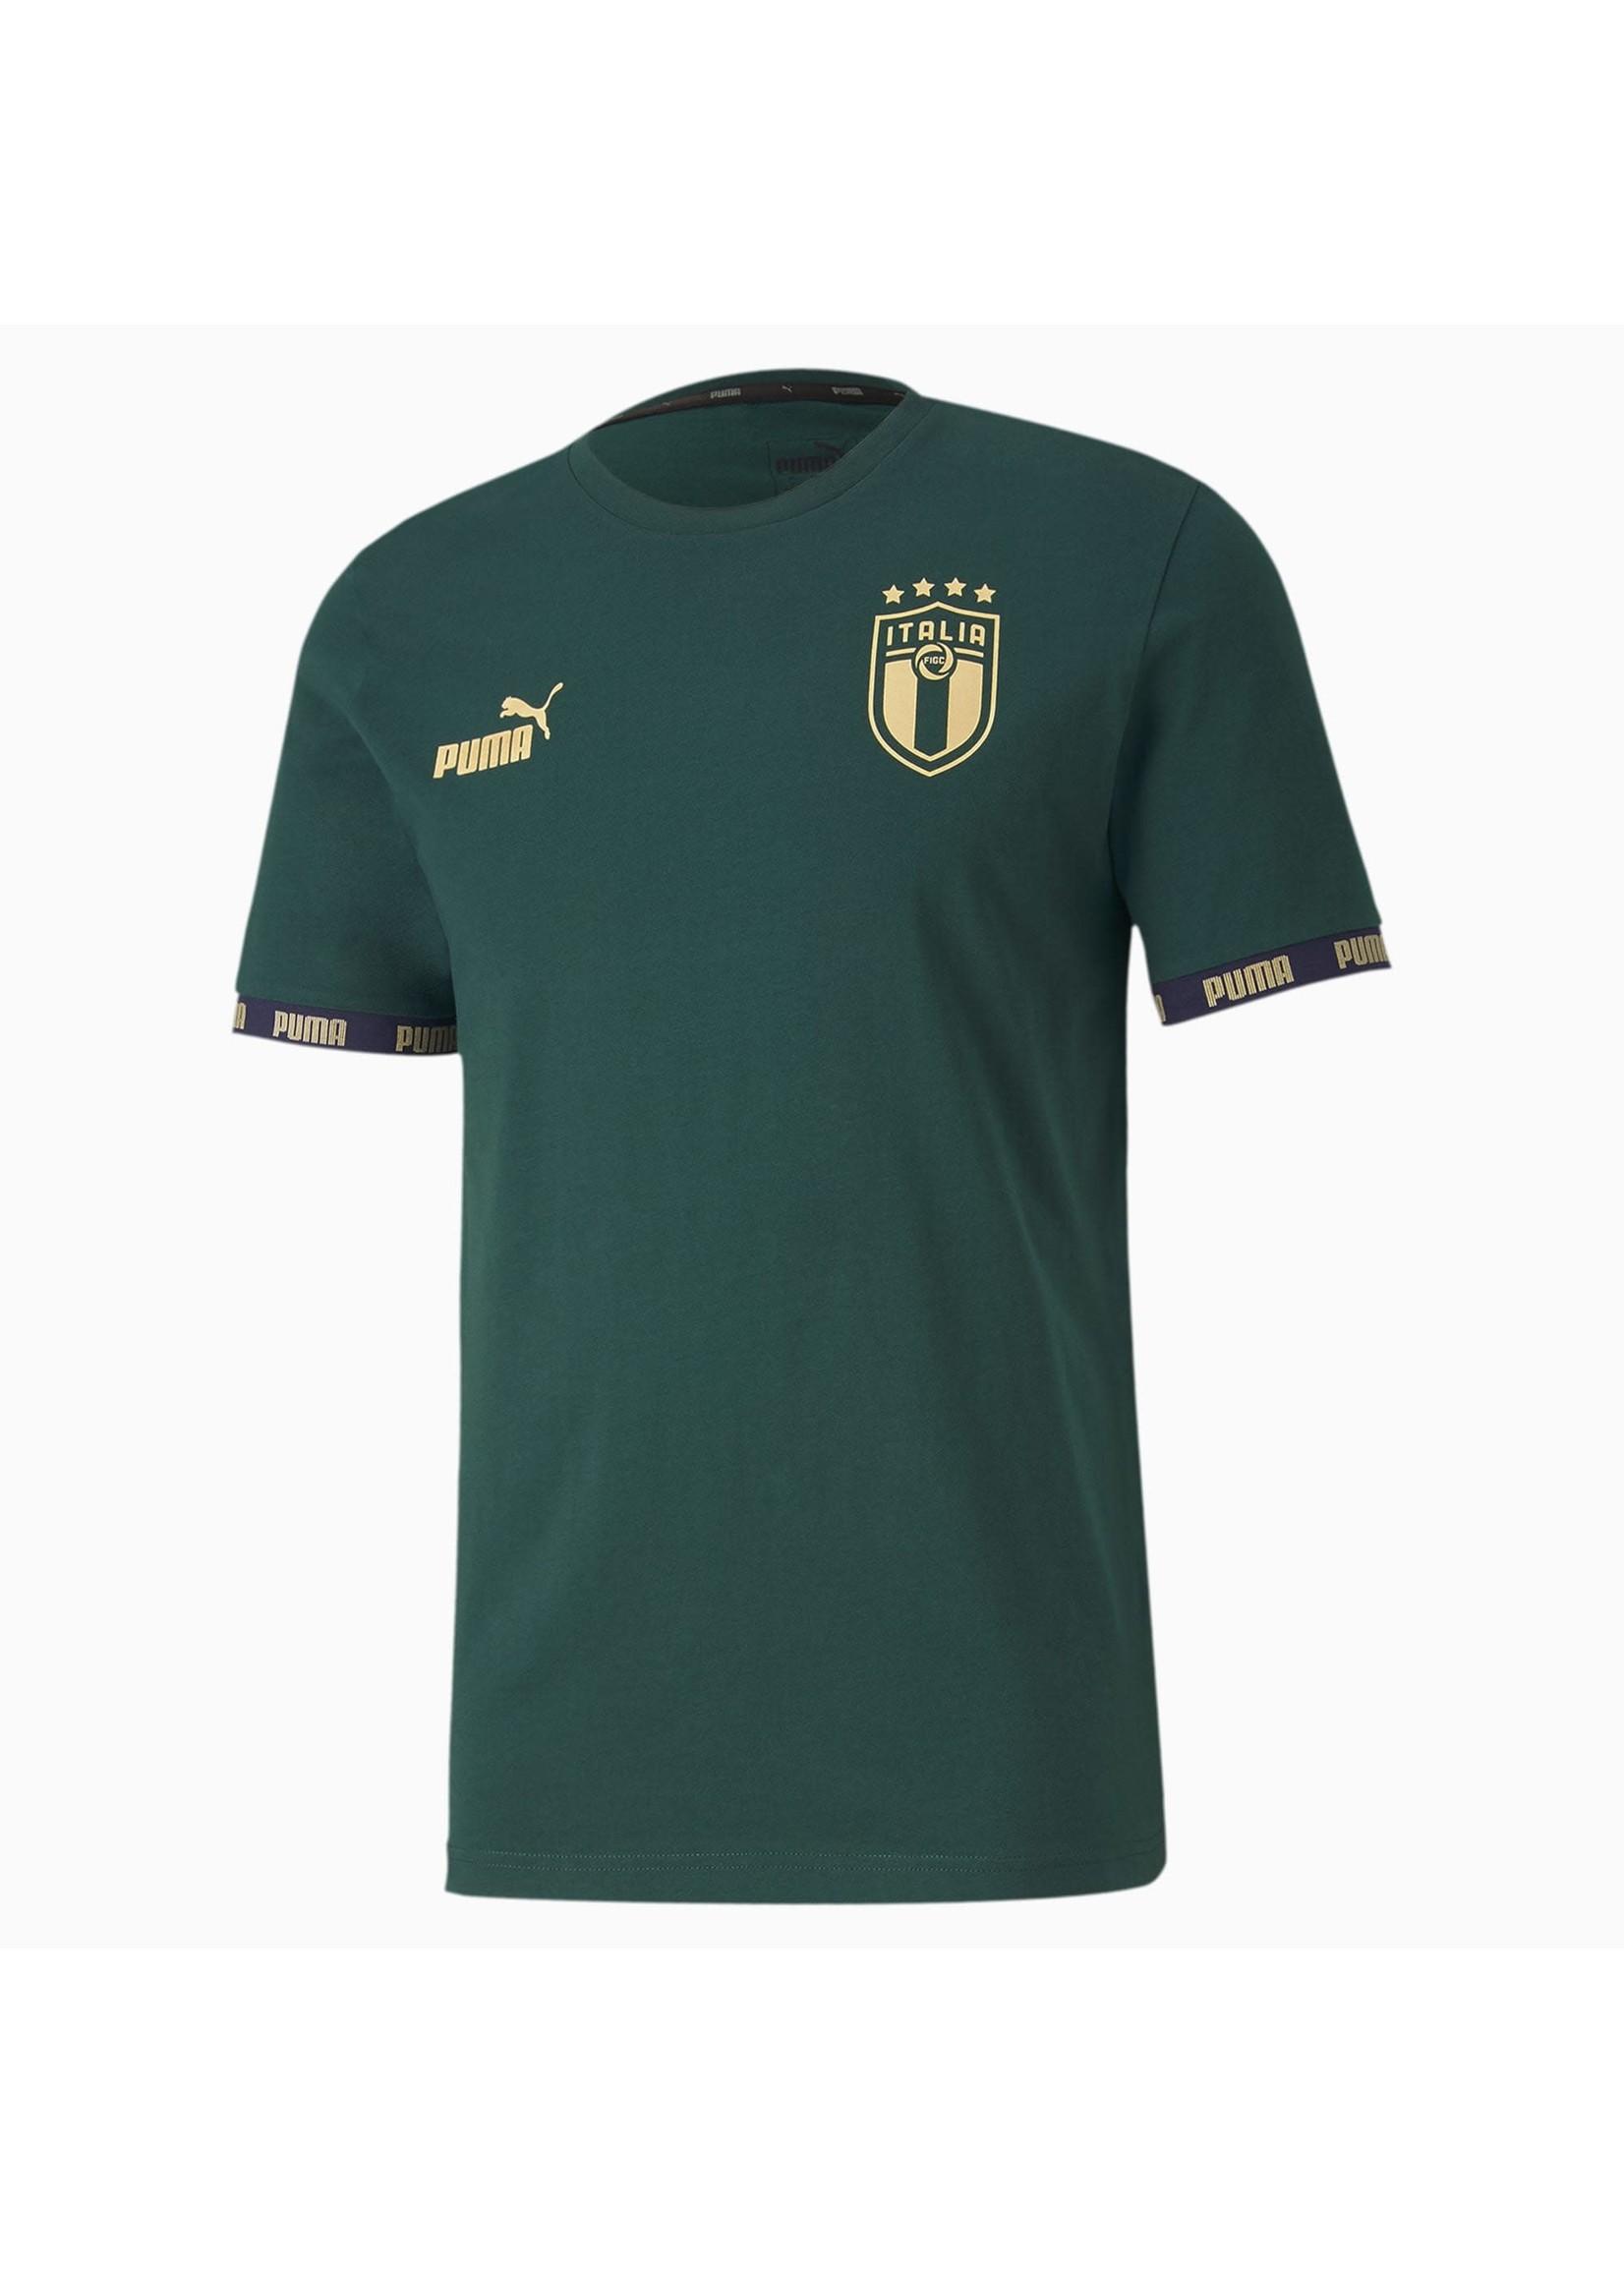 Puma Italy T-Shirt - 757245 03